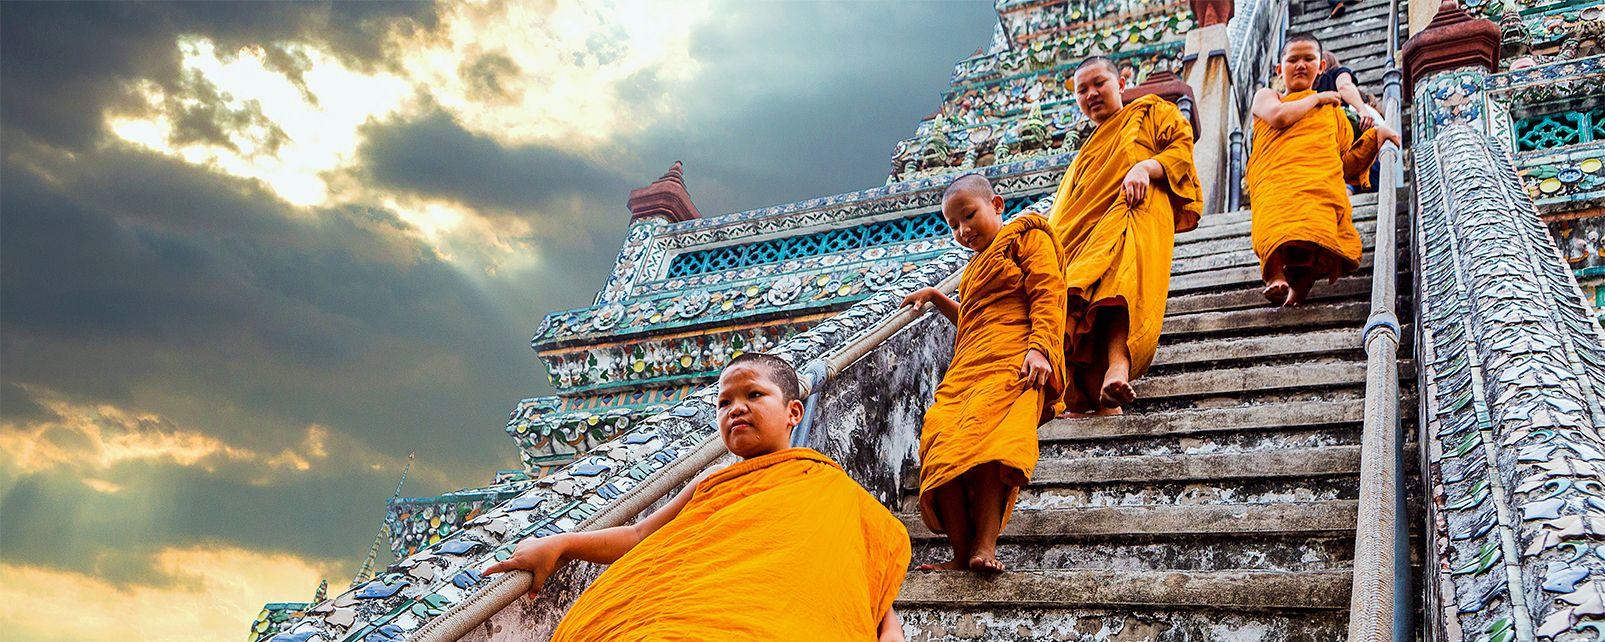 La scalinata del Wat Arun, Wat Arun - Bangkok, I monumenti, Bangkok, Thailandia